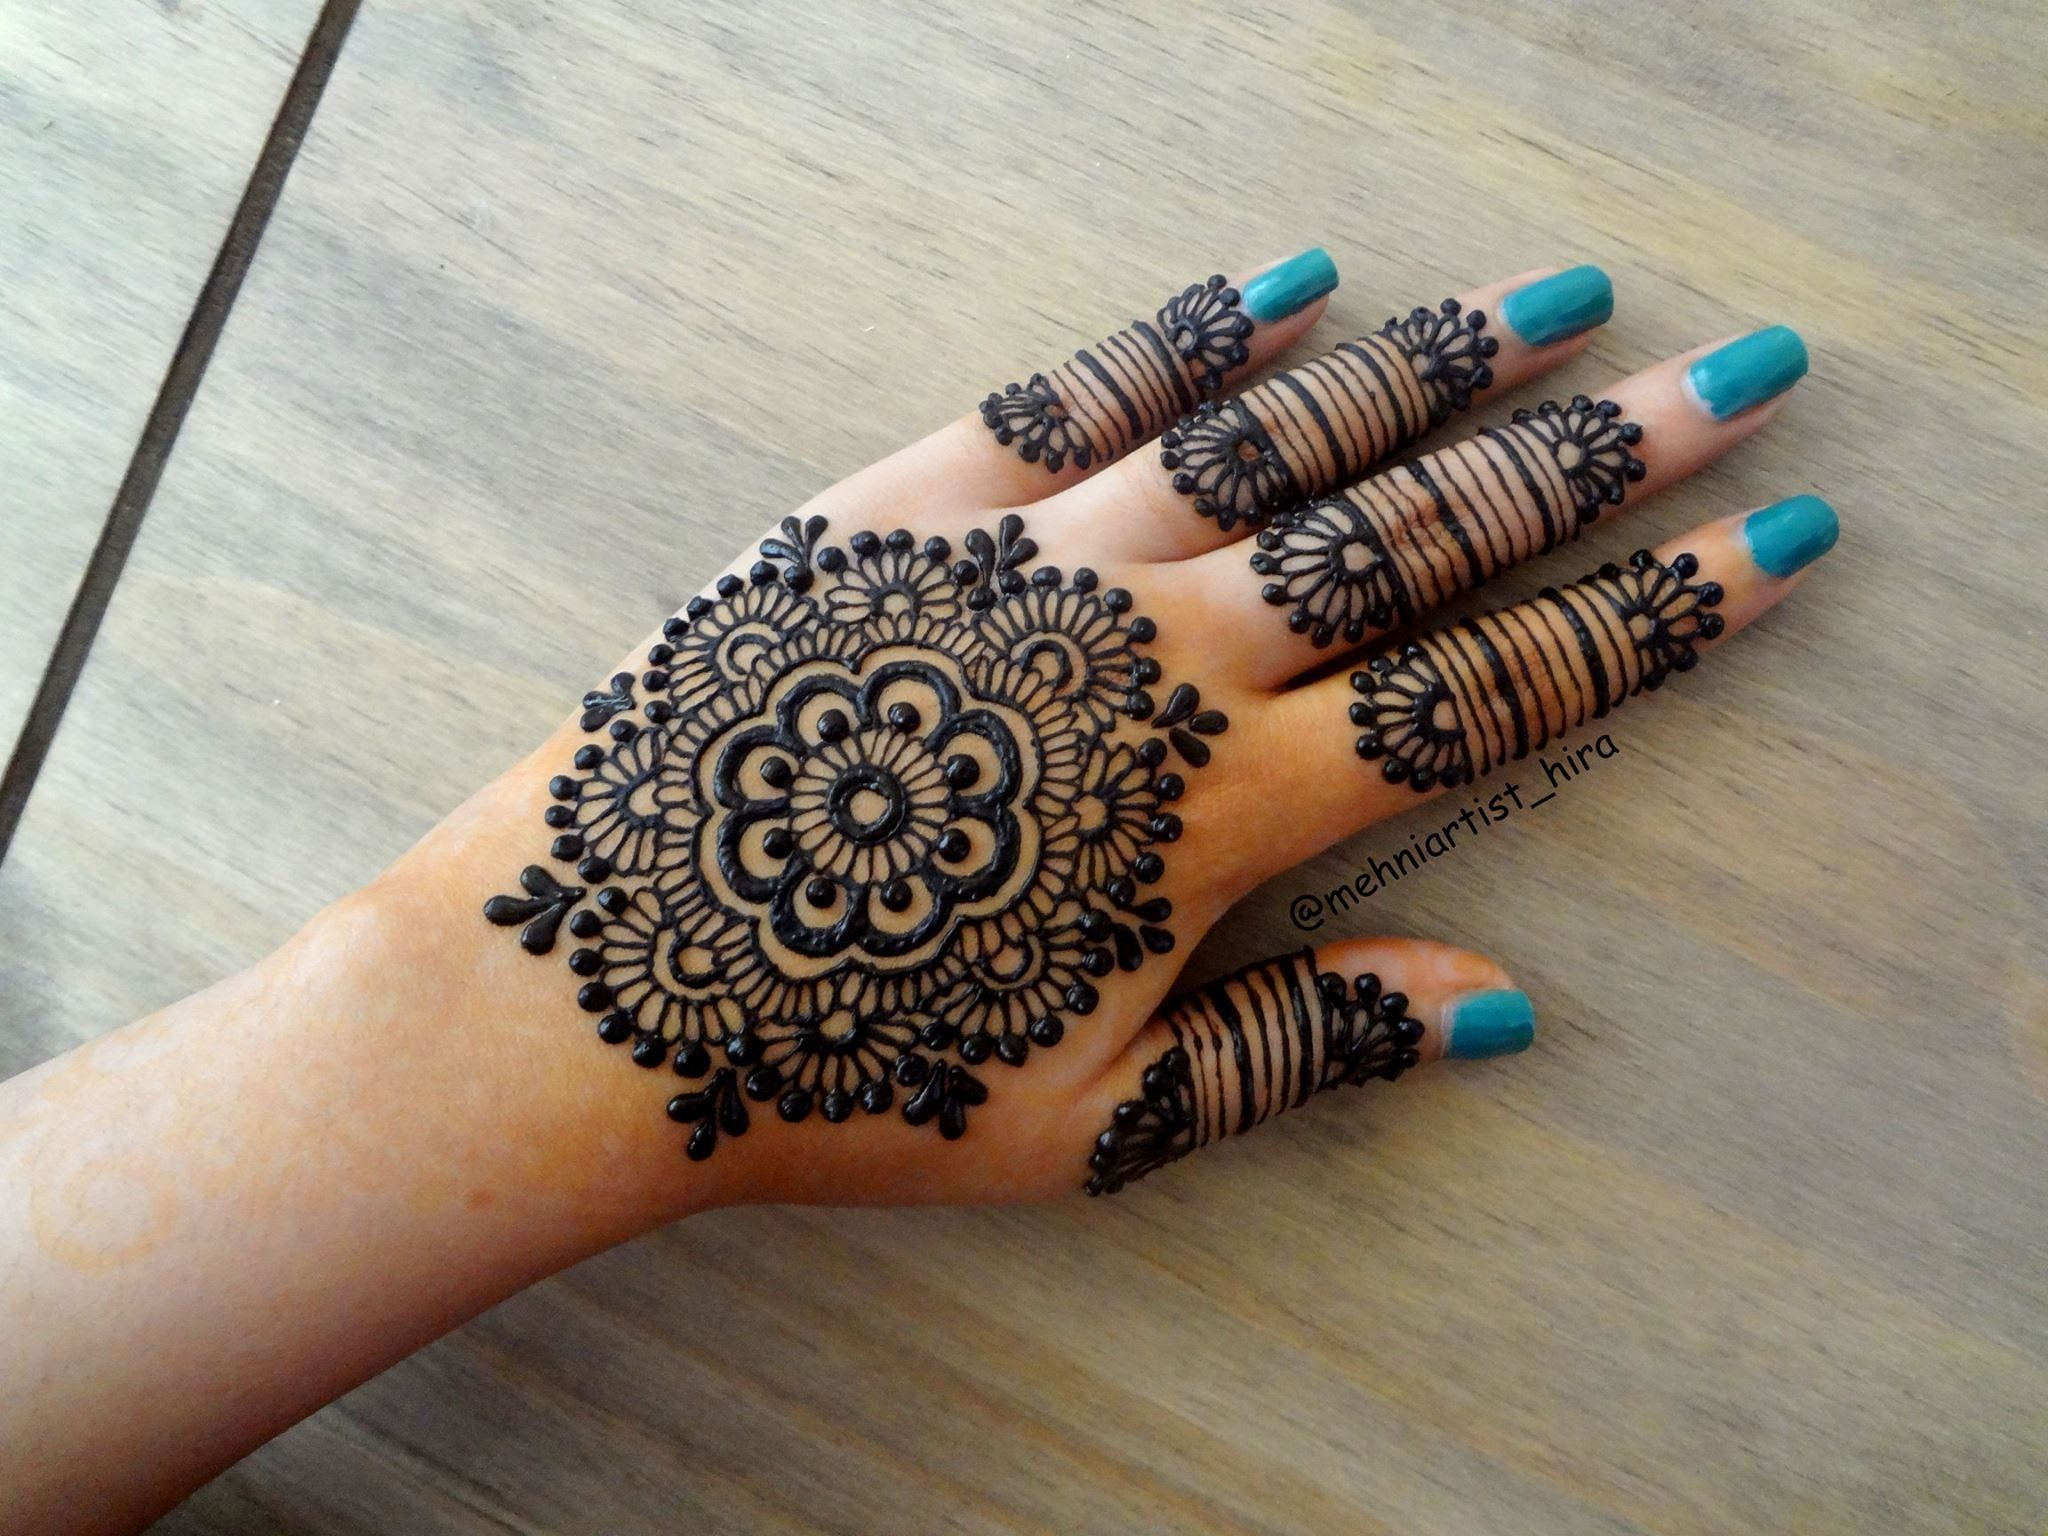 Tatuajes Mehndi Diseños : Pin de tímea mihok en henna tetkók tatuajes